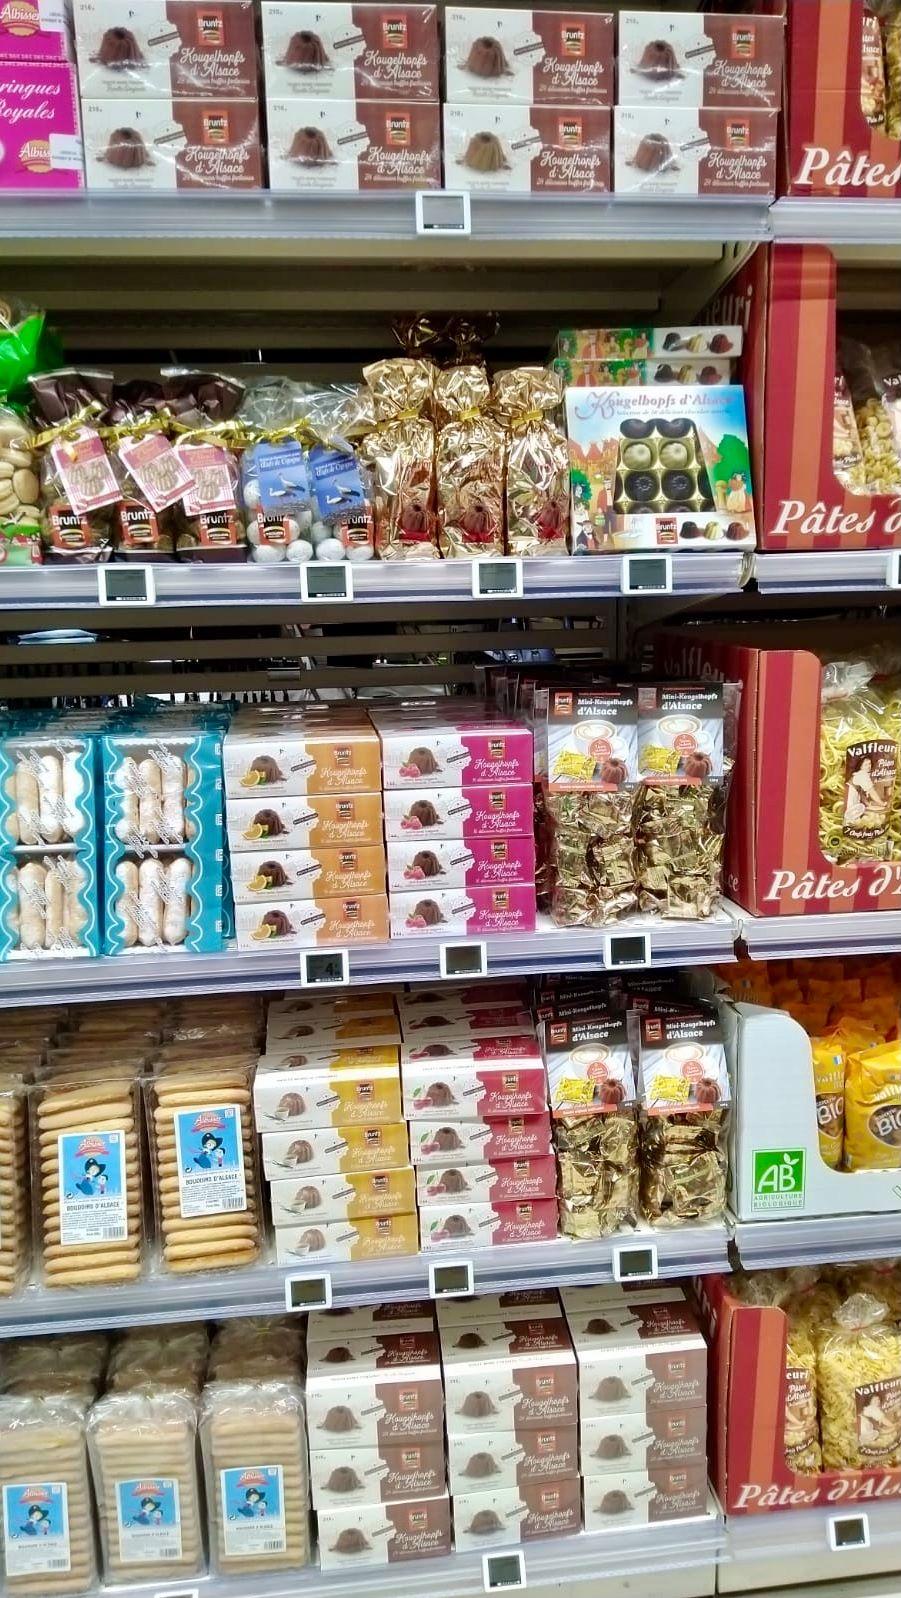 PRÈS DE CHEZ VOUS ! Nouvelle semaine, nouvelle opération avec Alsace Authentique ! Retrouvez nos produits dans les magasins E.Leclerc Hyper de RIBEAUVILLÉ et ISSENHEIM - Chocolaterie Bruntz près de 68 Mulhouse - Alsace